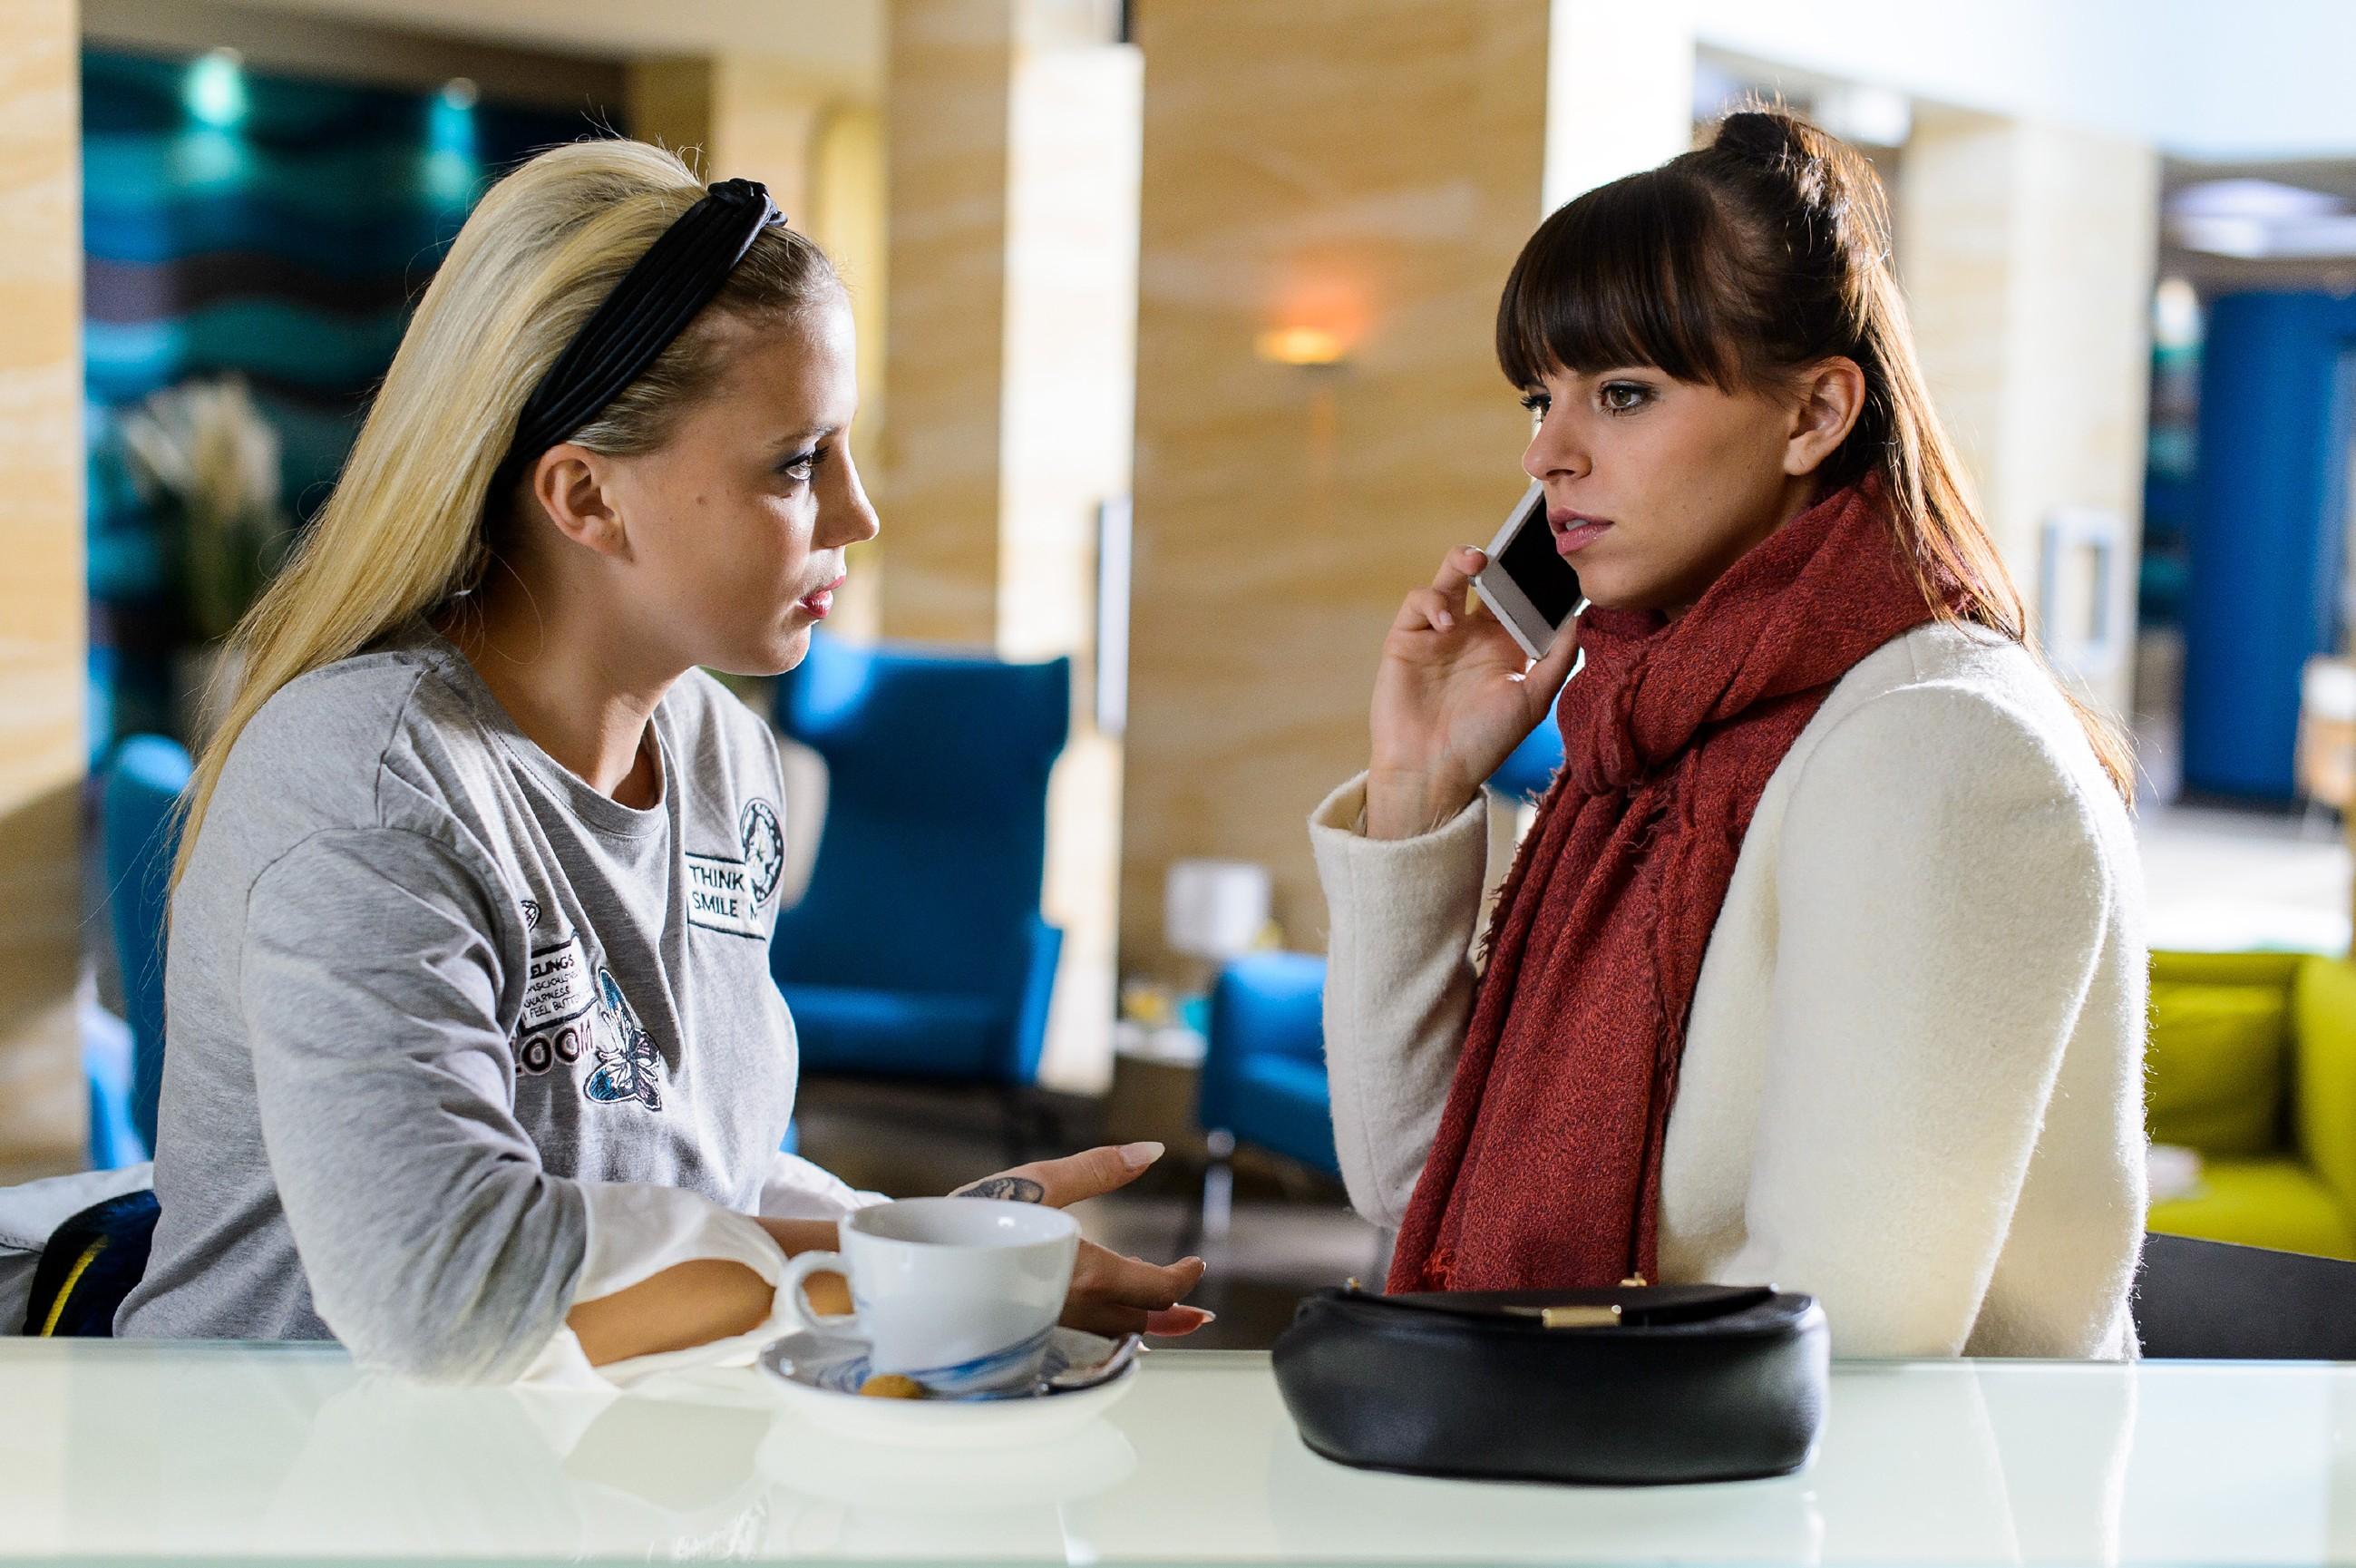 Michelle (Franziska Benz, r.) bekommt in Gegenwart von Iva (Christina Klein) die furchtbare Nachricht, dass Vincent verstorben ist... (Quelle: RTL / Willi Weber)